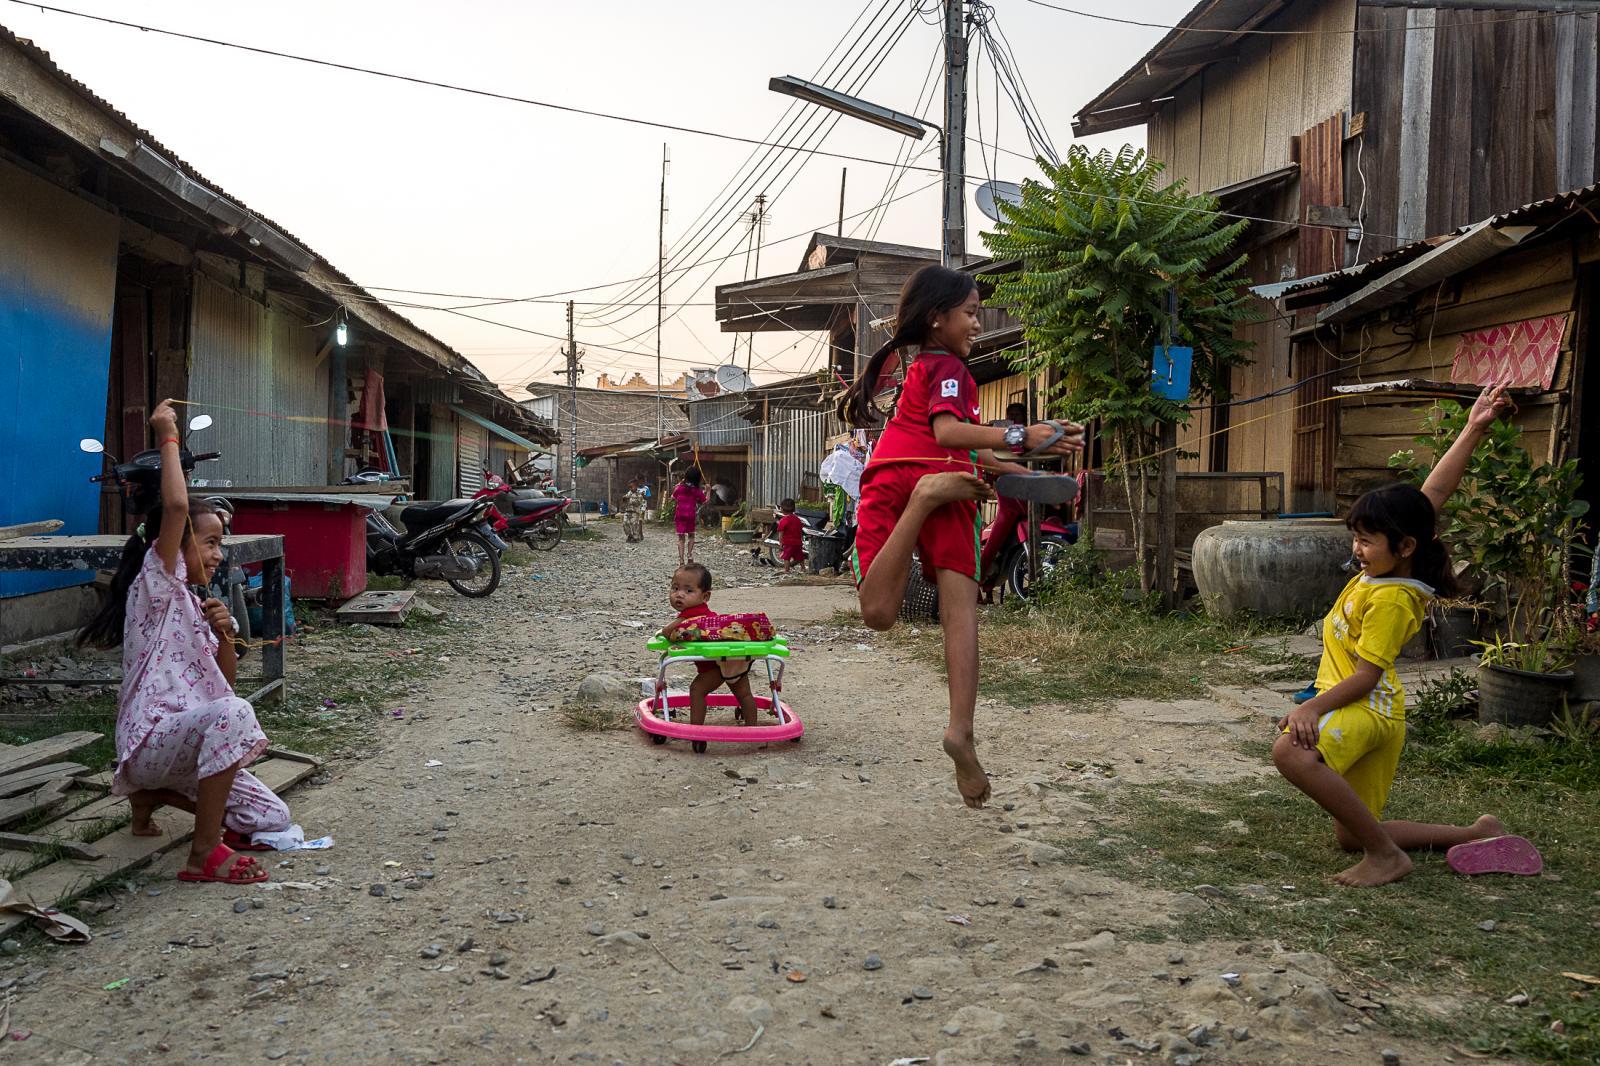 Photography image - Loading 003_Capitalism-KhmerRouge-Cambodia-OmarHavana.jpg